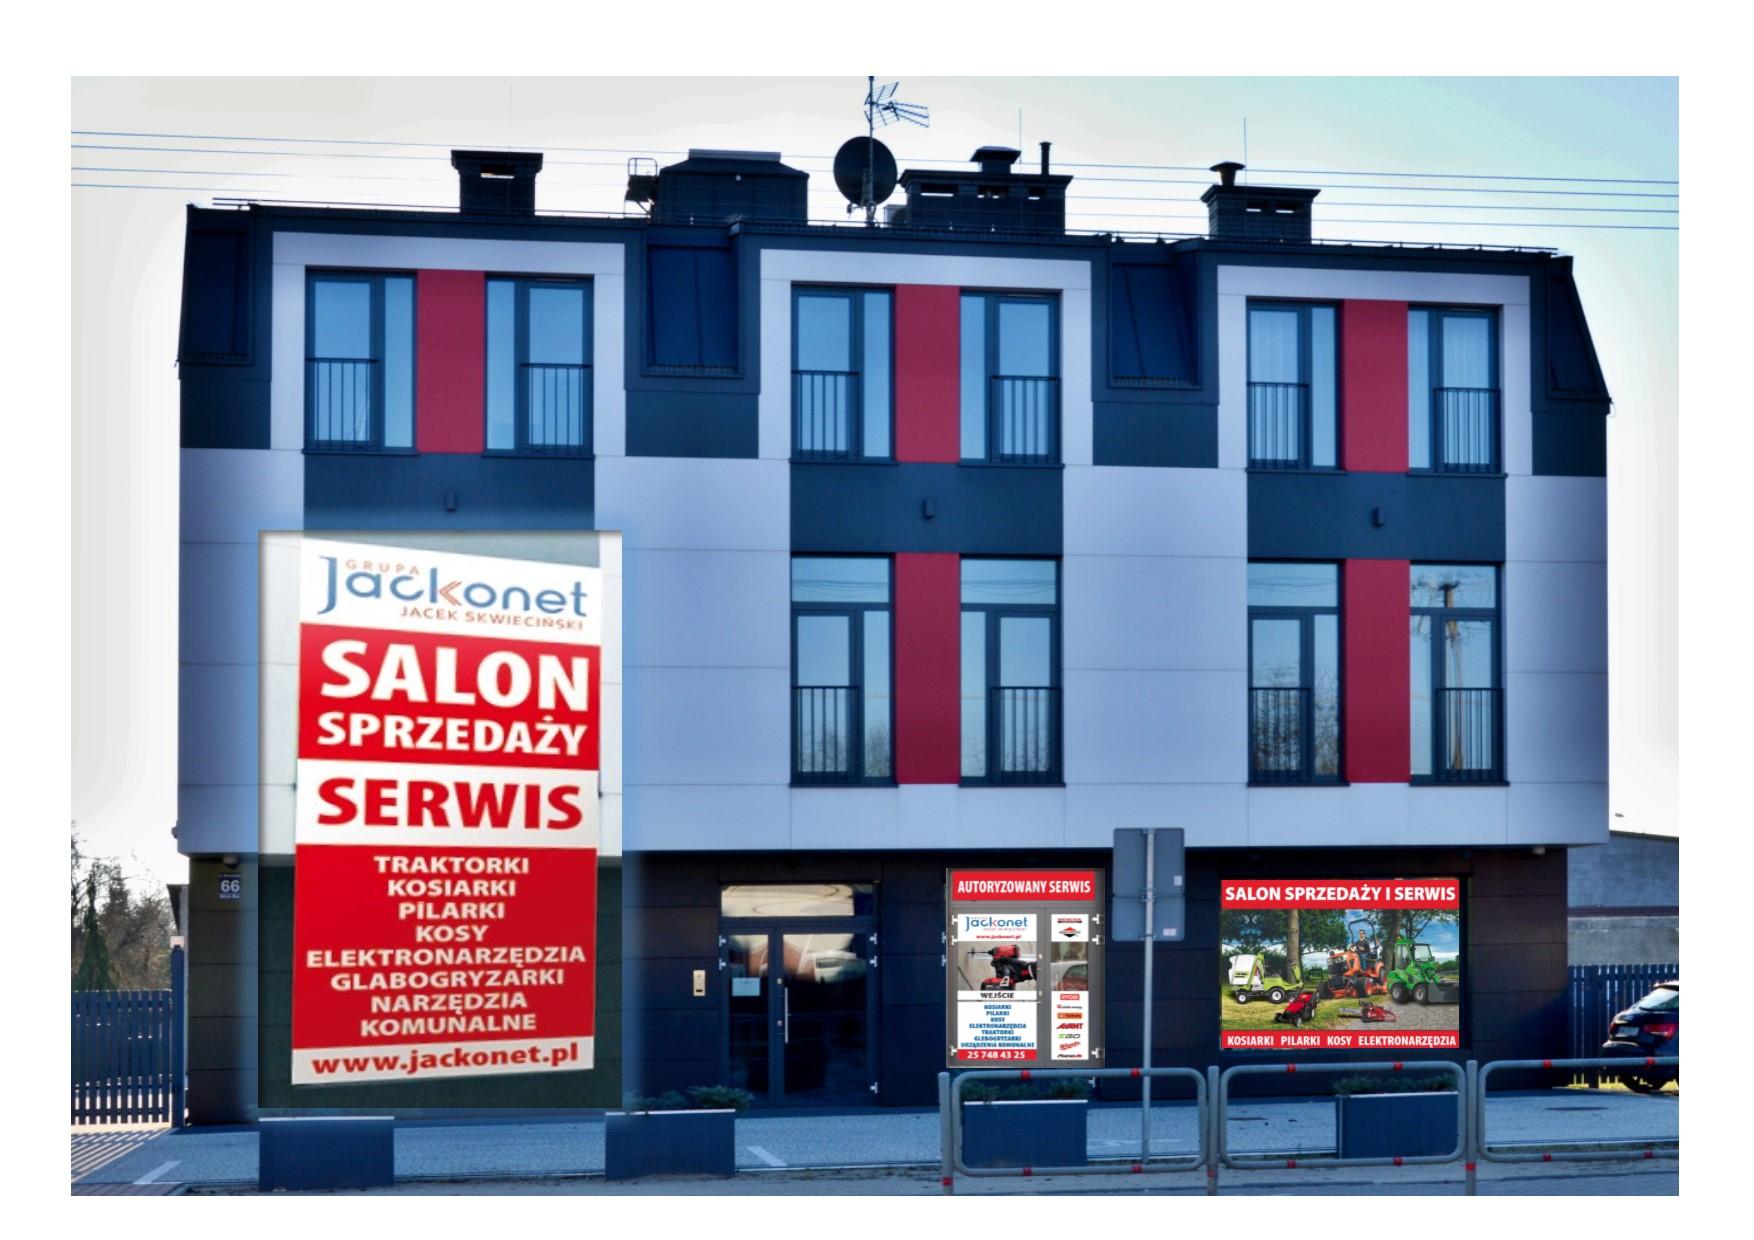 Nowy Salon Jackonet W Minsku Wirtualny Minsk Mazowiecki